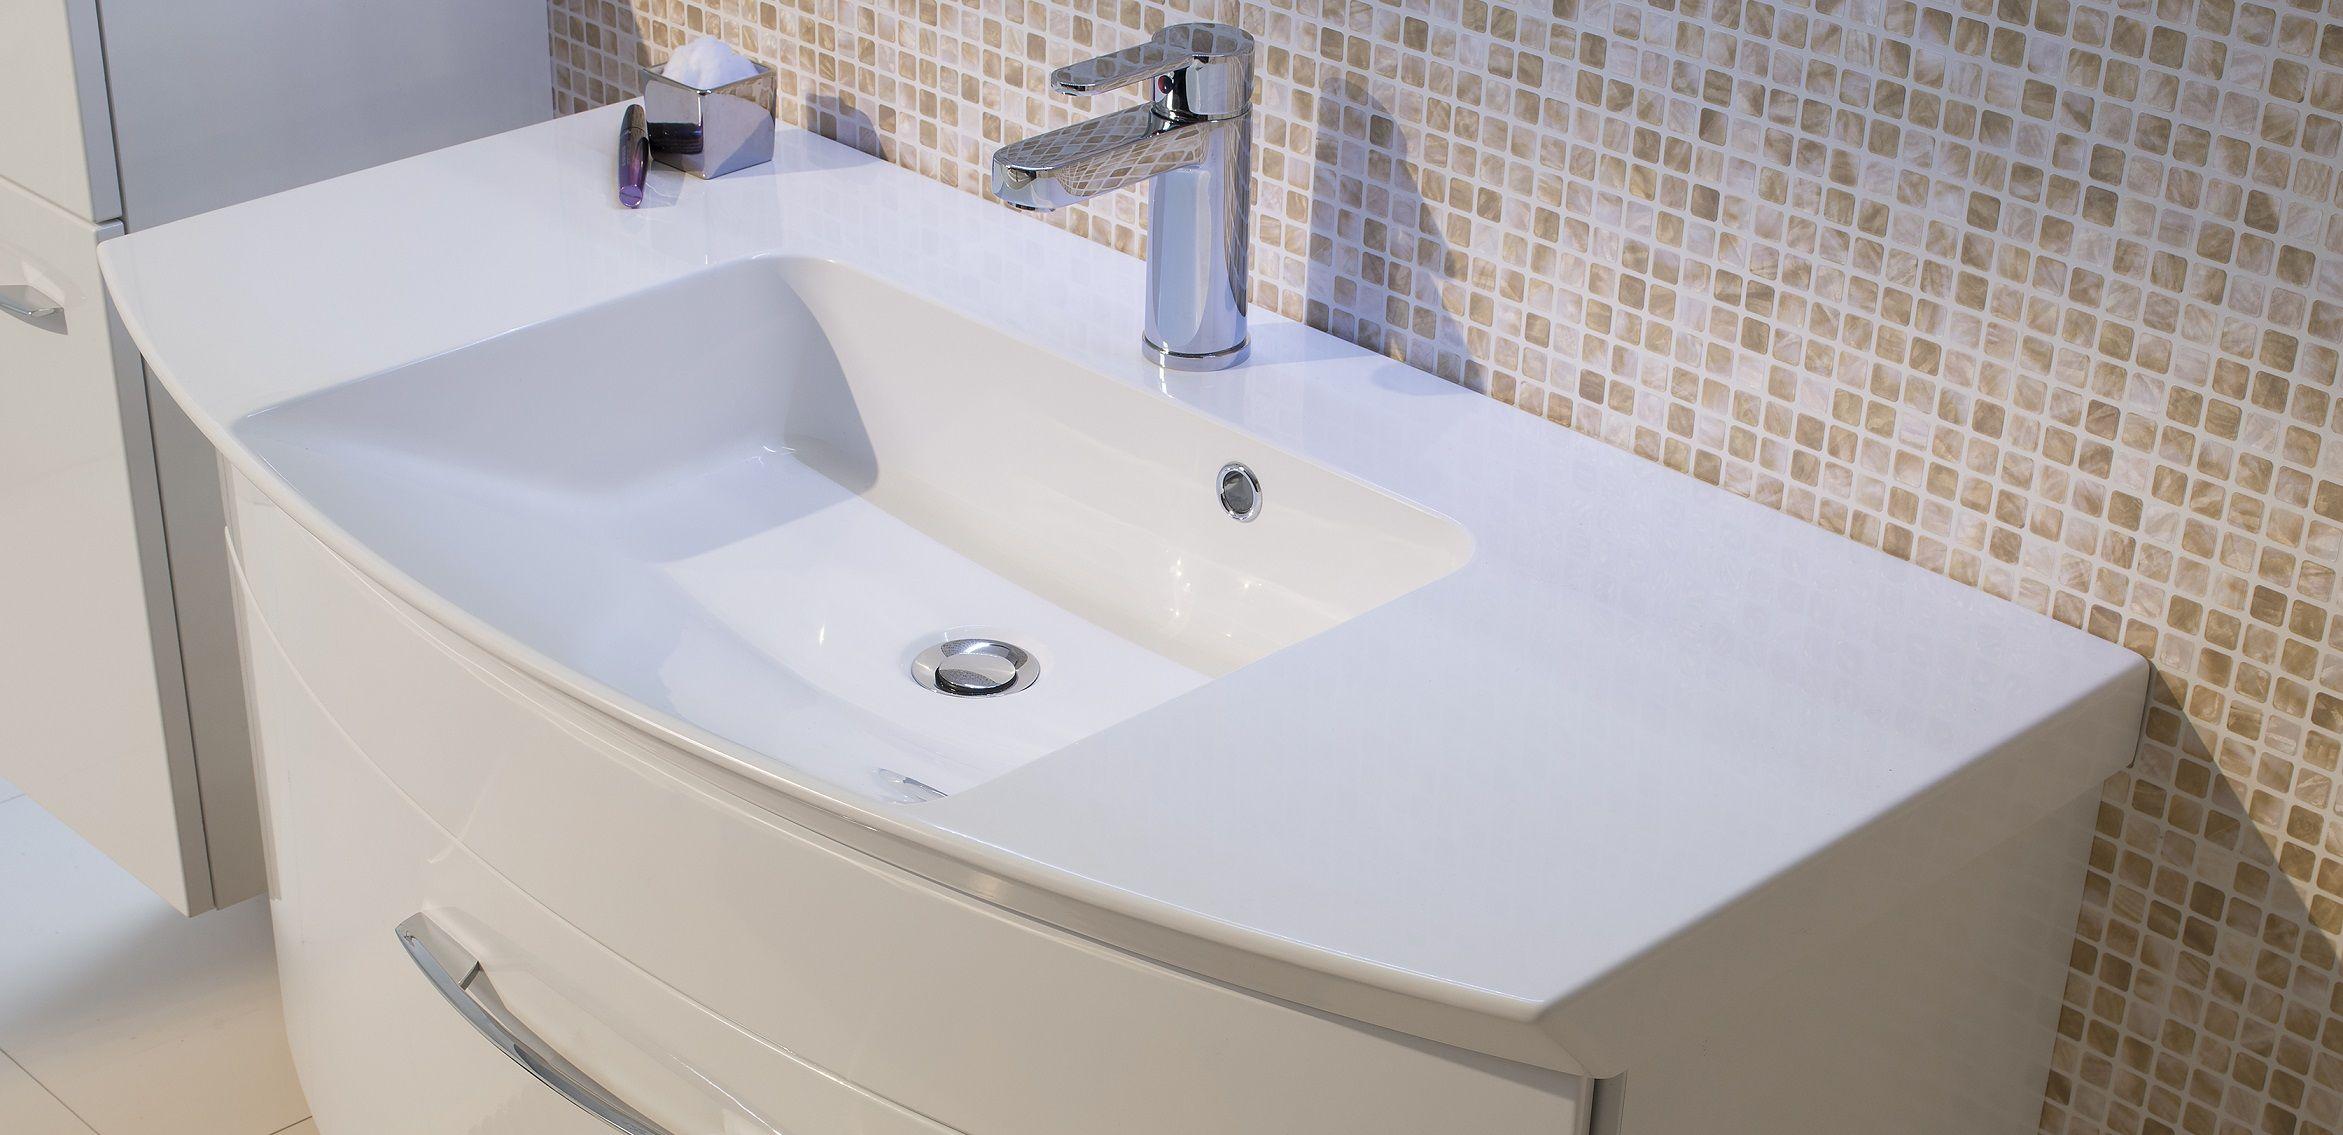 badm bel pelipal cassca mineralmarmor waschtische online kaufen. Black Bedroom Furniture Sets. Home Design Ideas